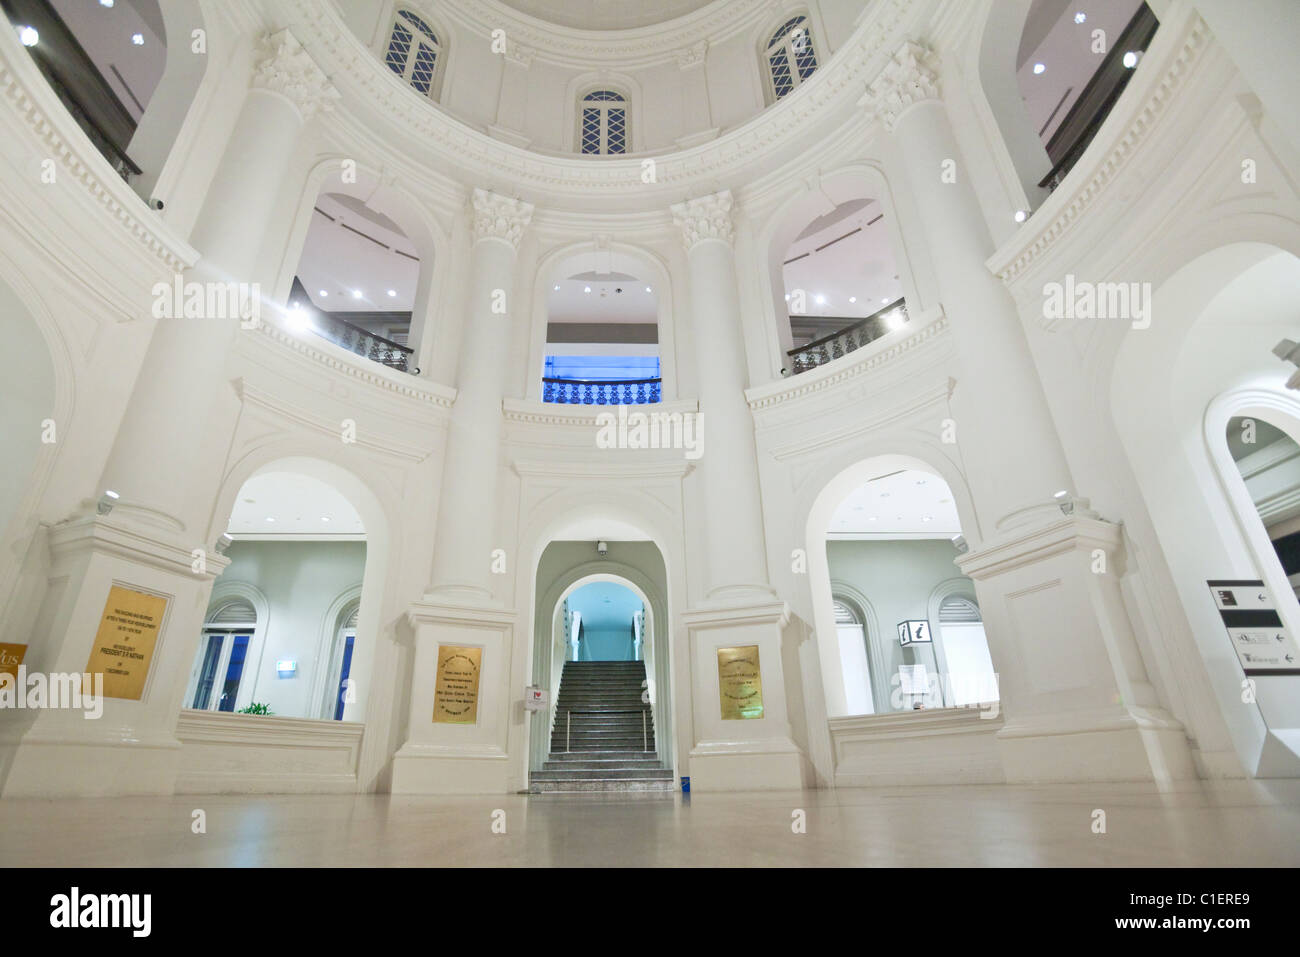 Architecture coloniale du Musée National de Singapour, Singapour Photo Stock